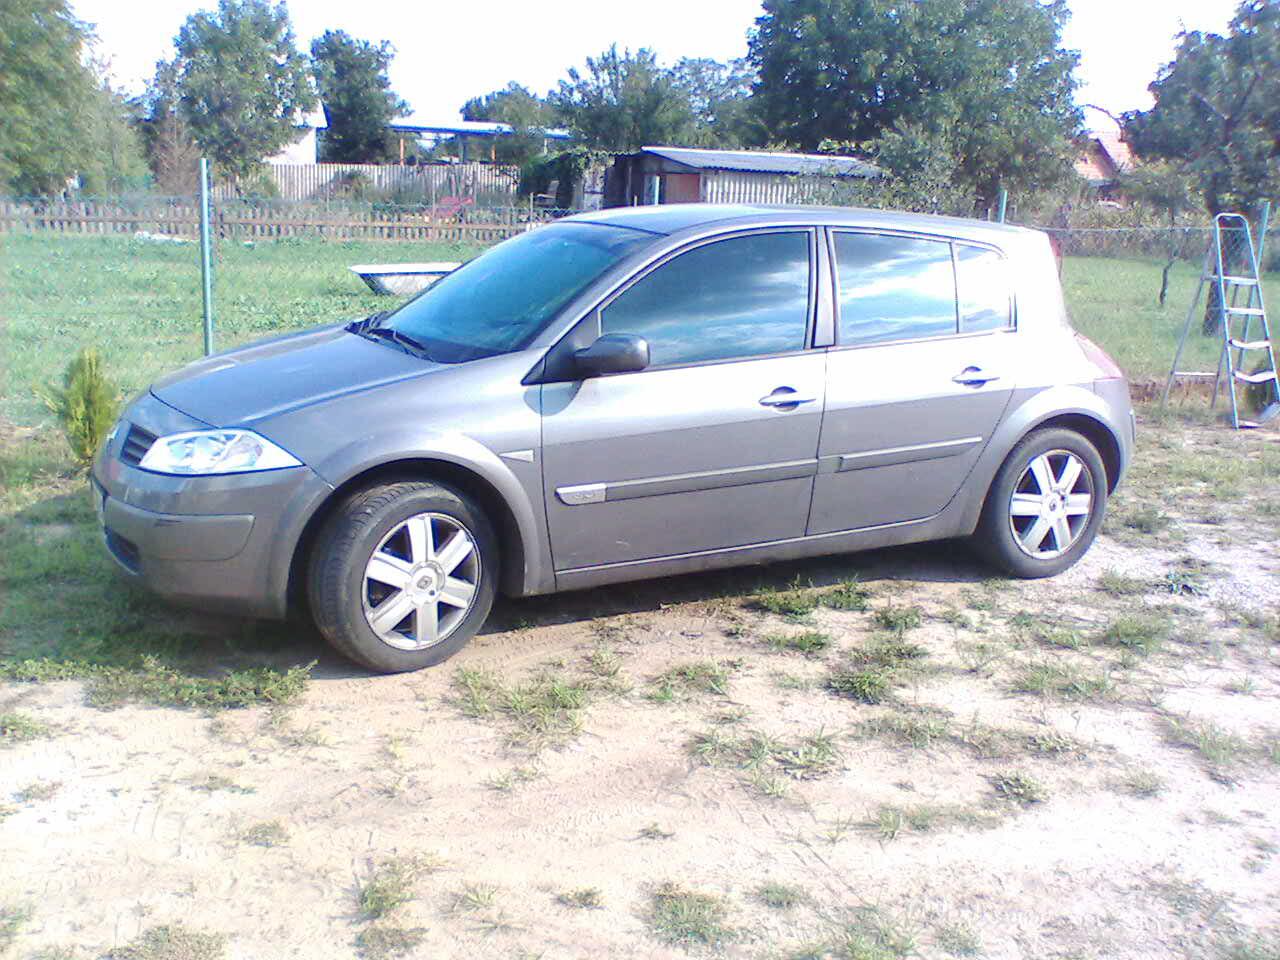 Kicsi és szép - Renault Mégane 2002 - Totalcar autós népítélet f965844cd4afb